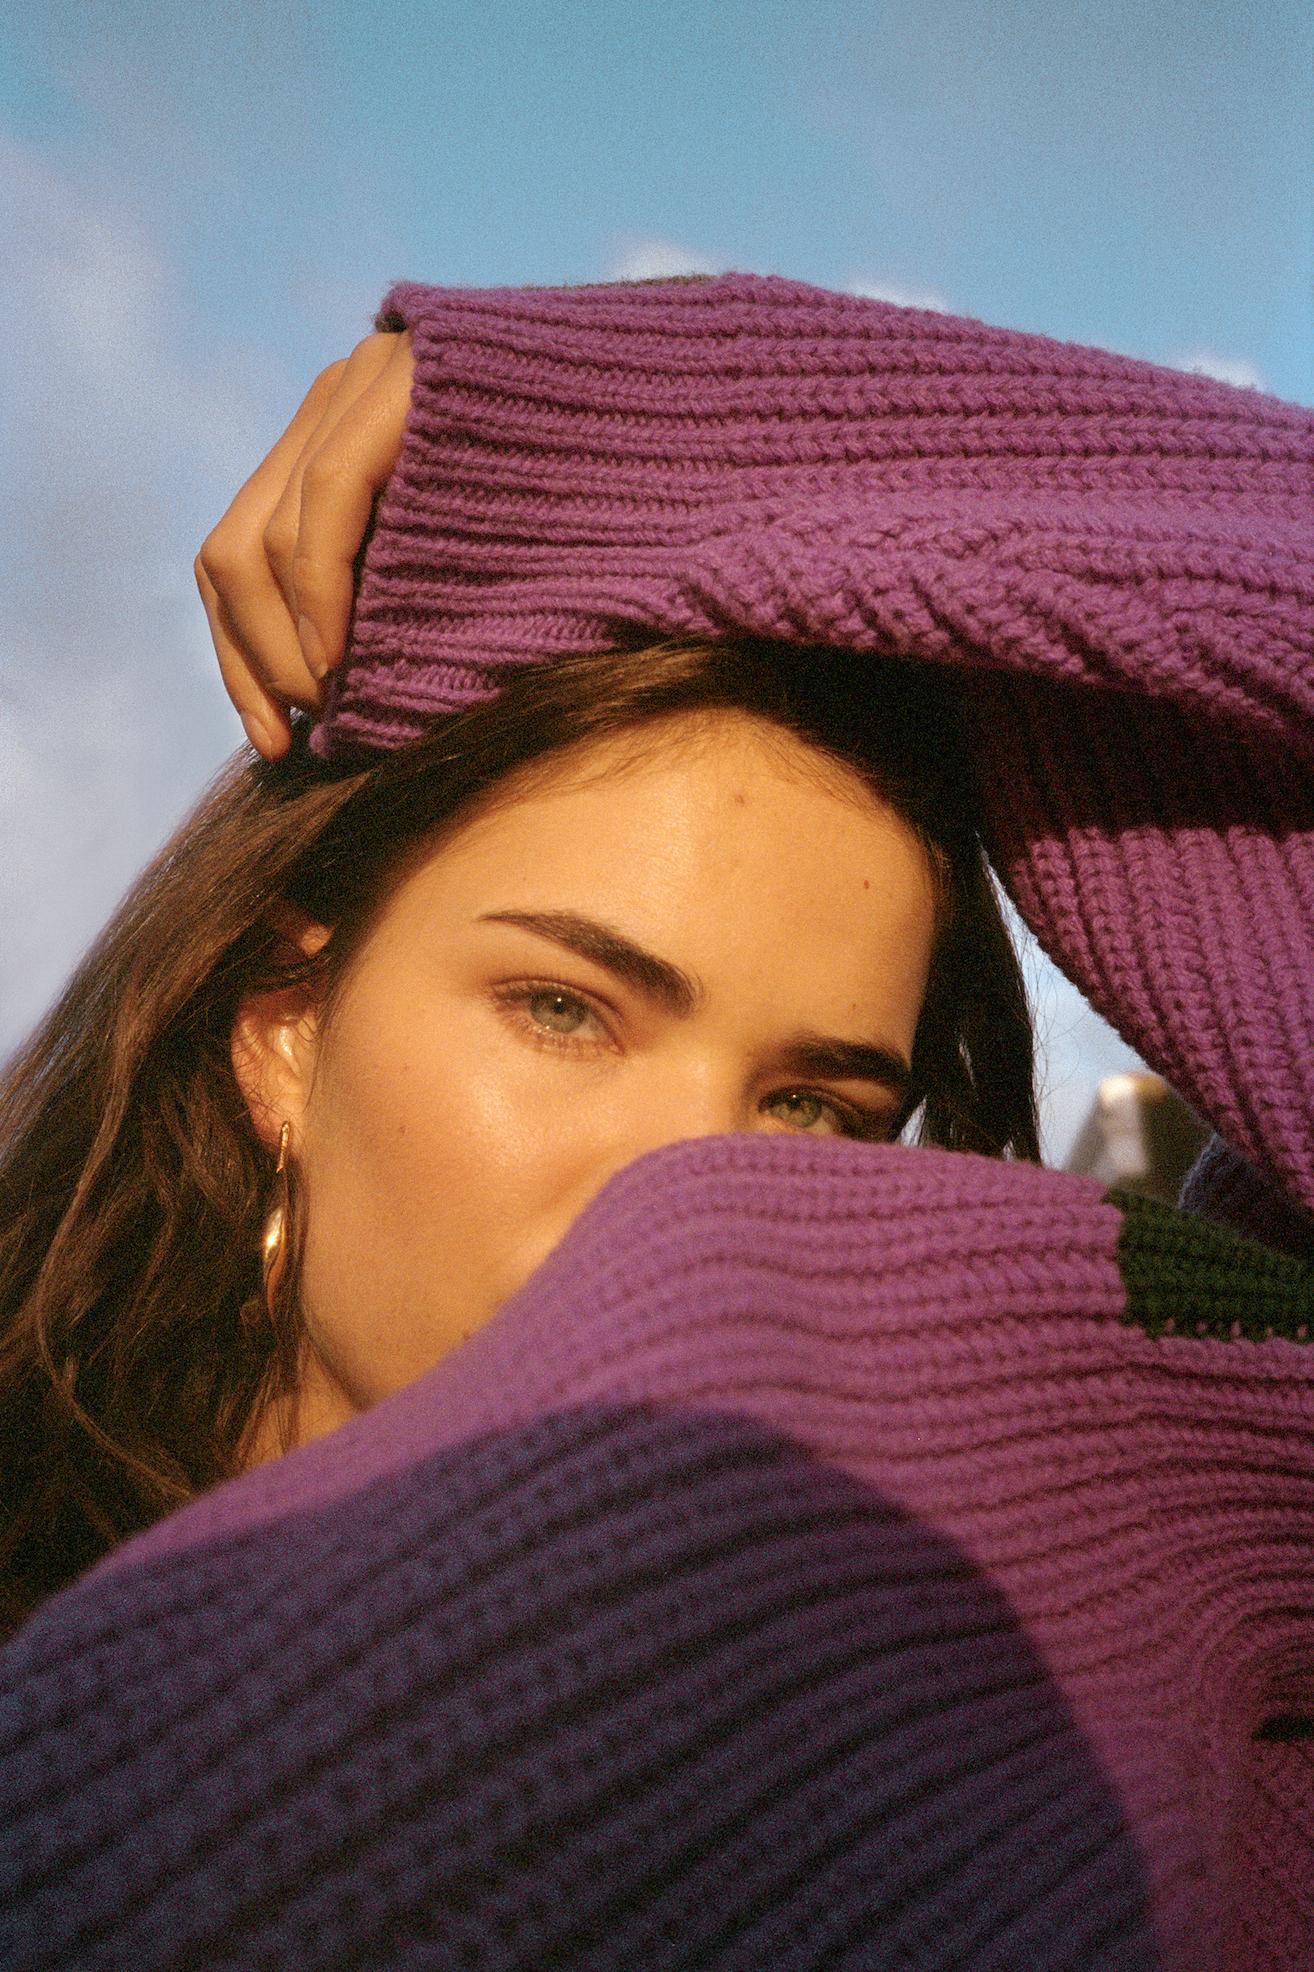 ln465_es_knitwear_107_r1_flatten_150_dpi.jpg